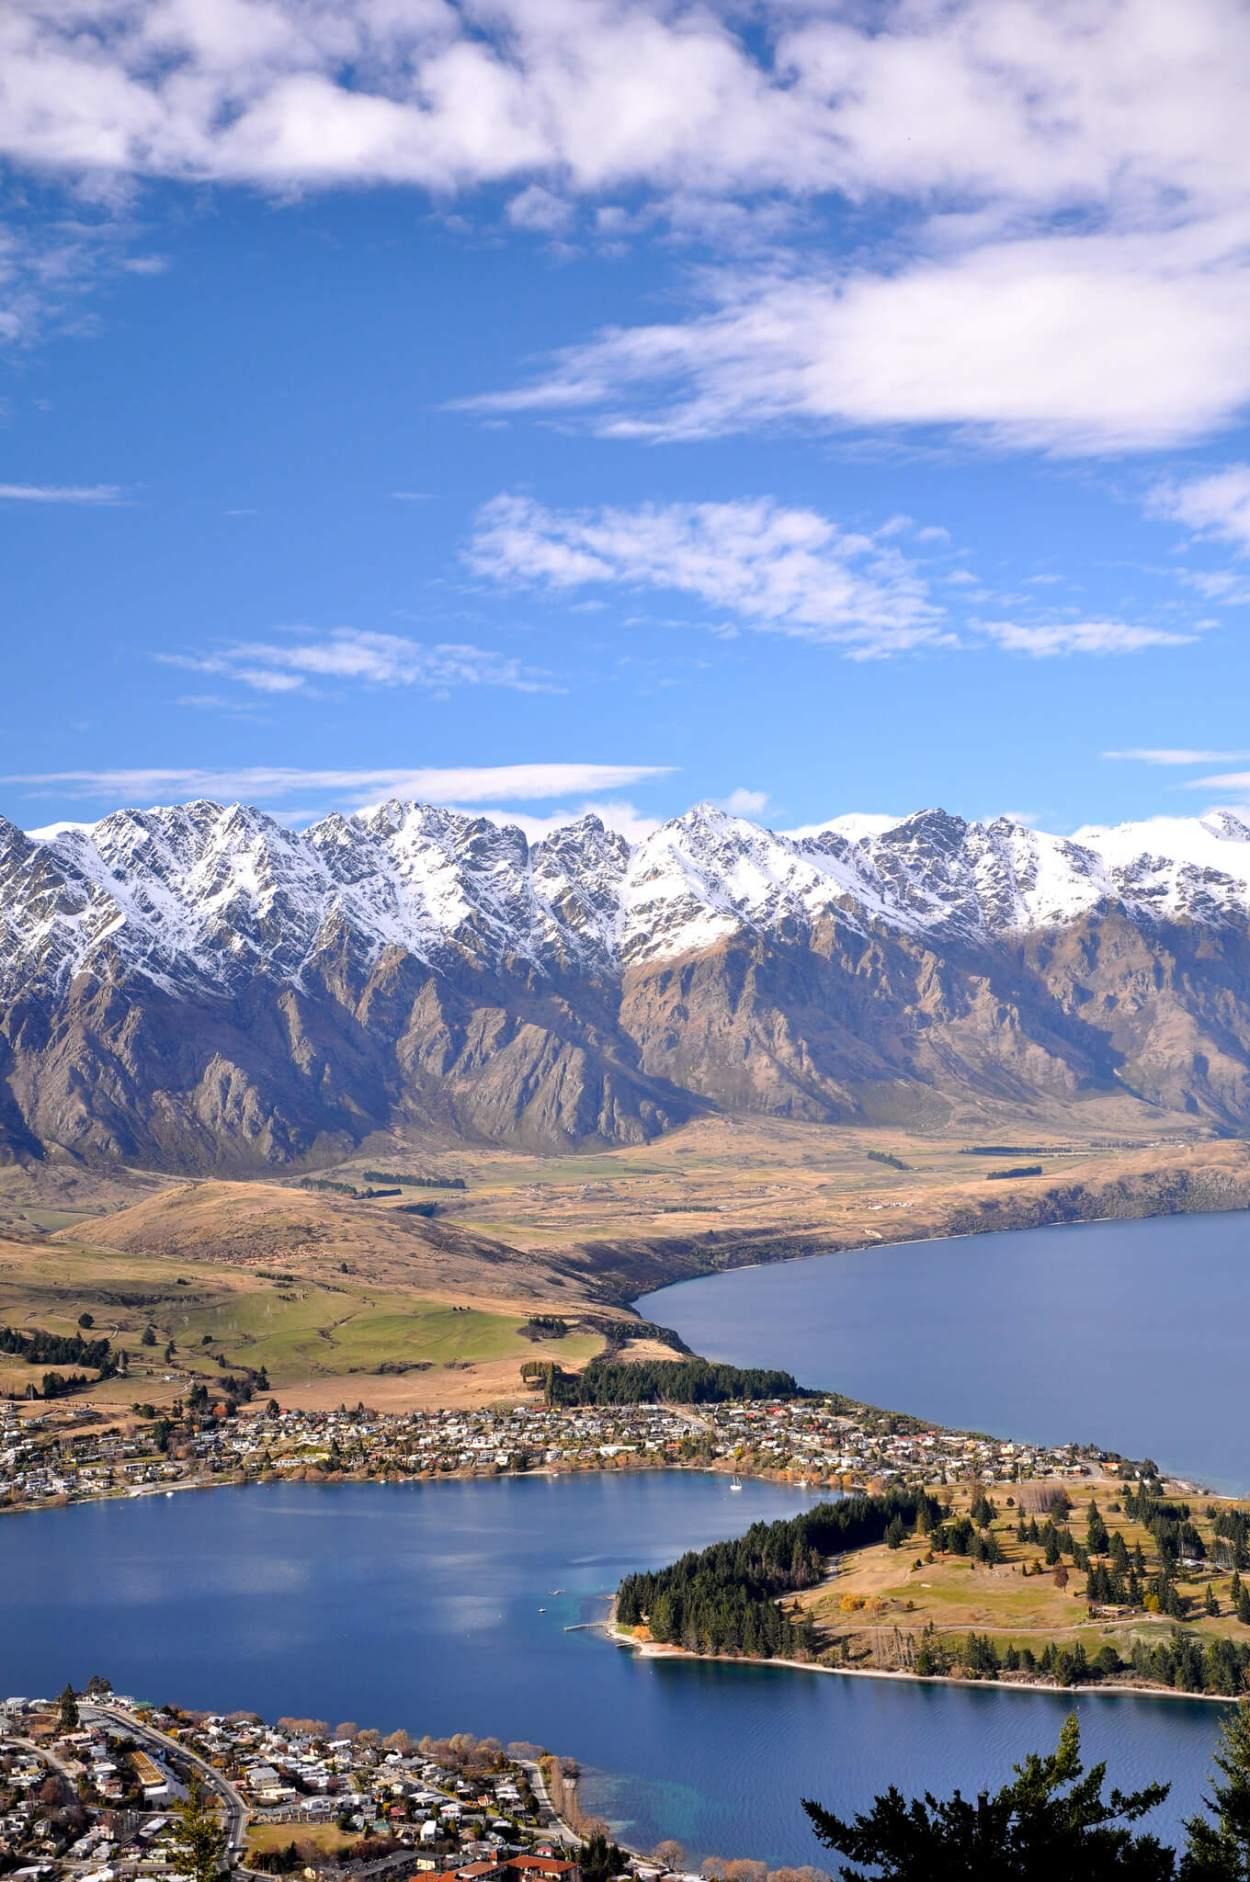 Amazing view of Queenstown, New Zealand